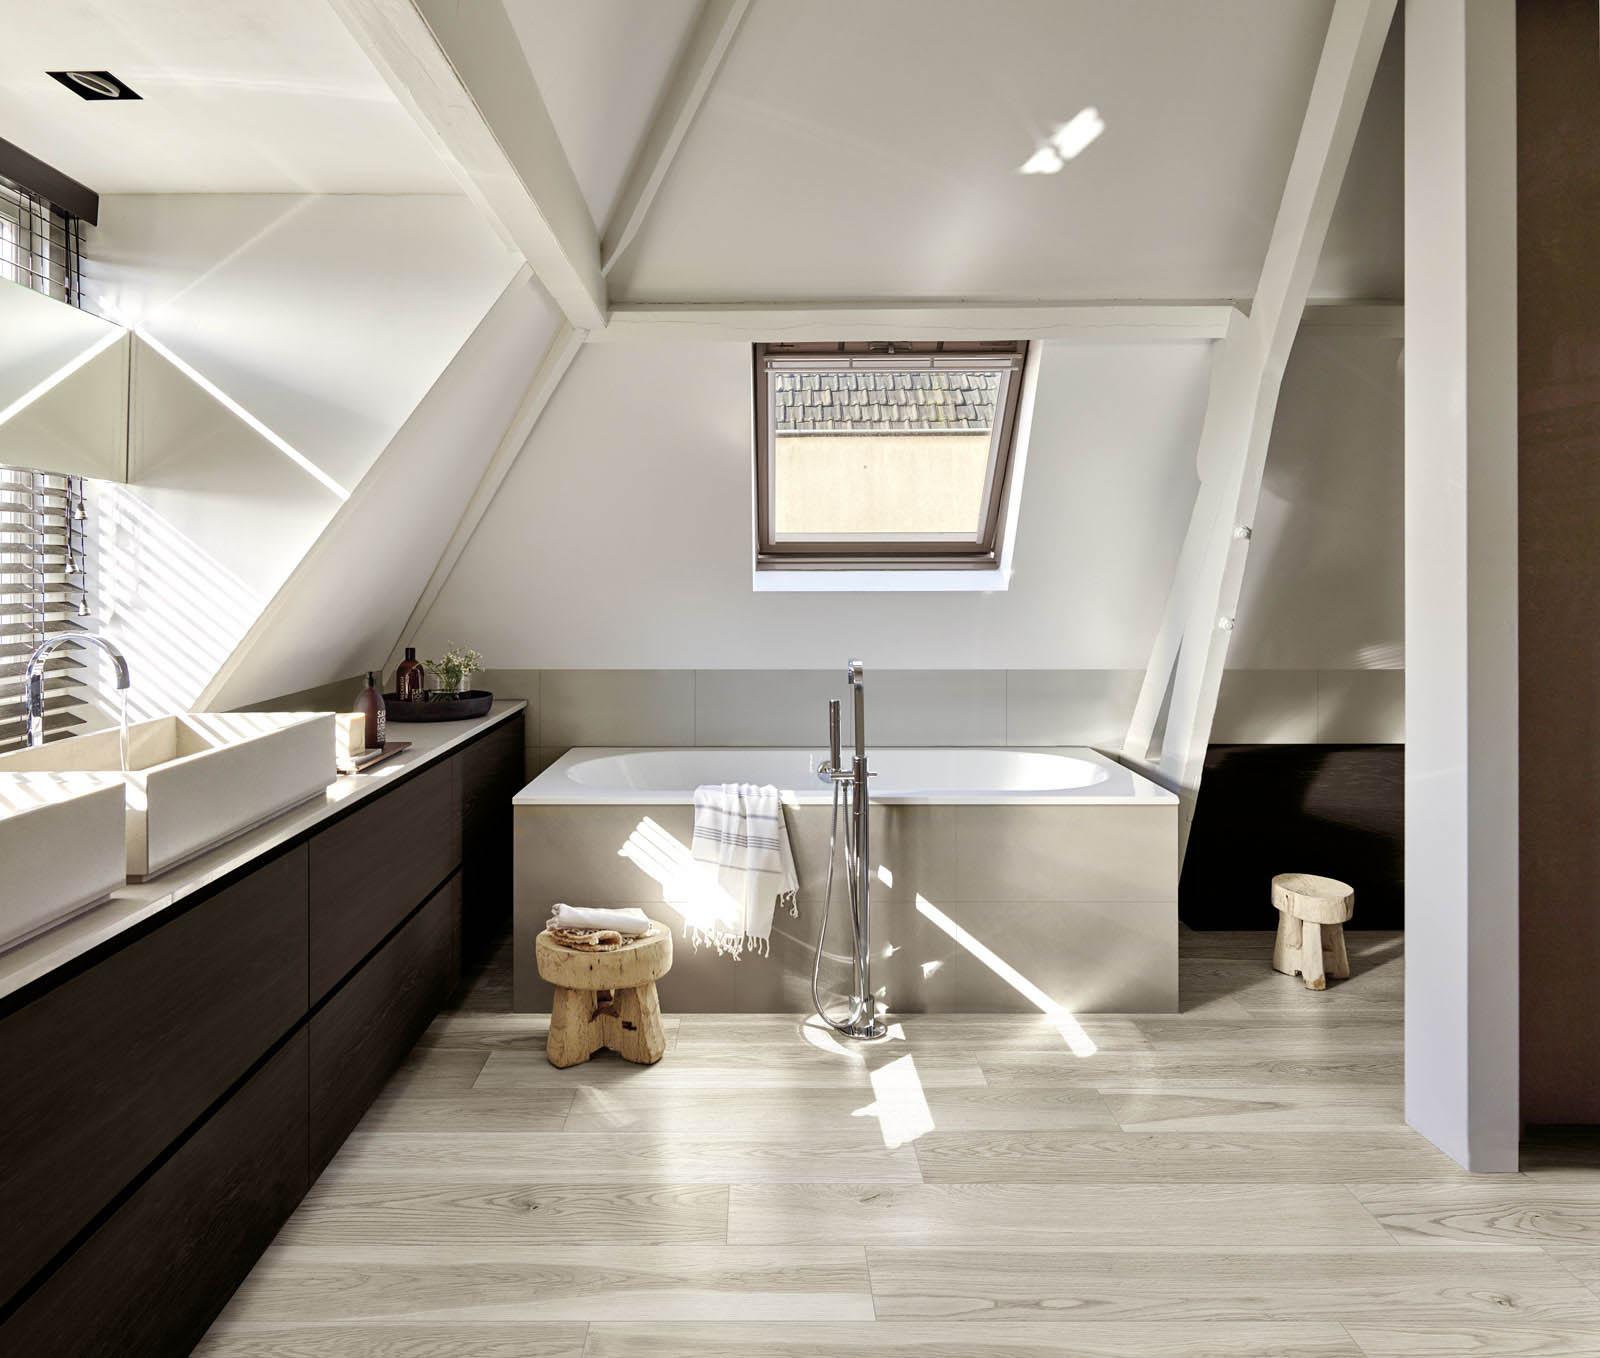 mattonelle per bagno: ceramica e gres porcellanato | marazzi - Bagni Moderni Marazzi